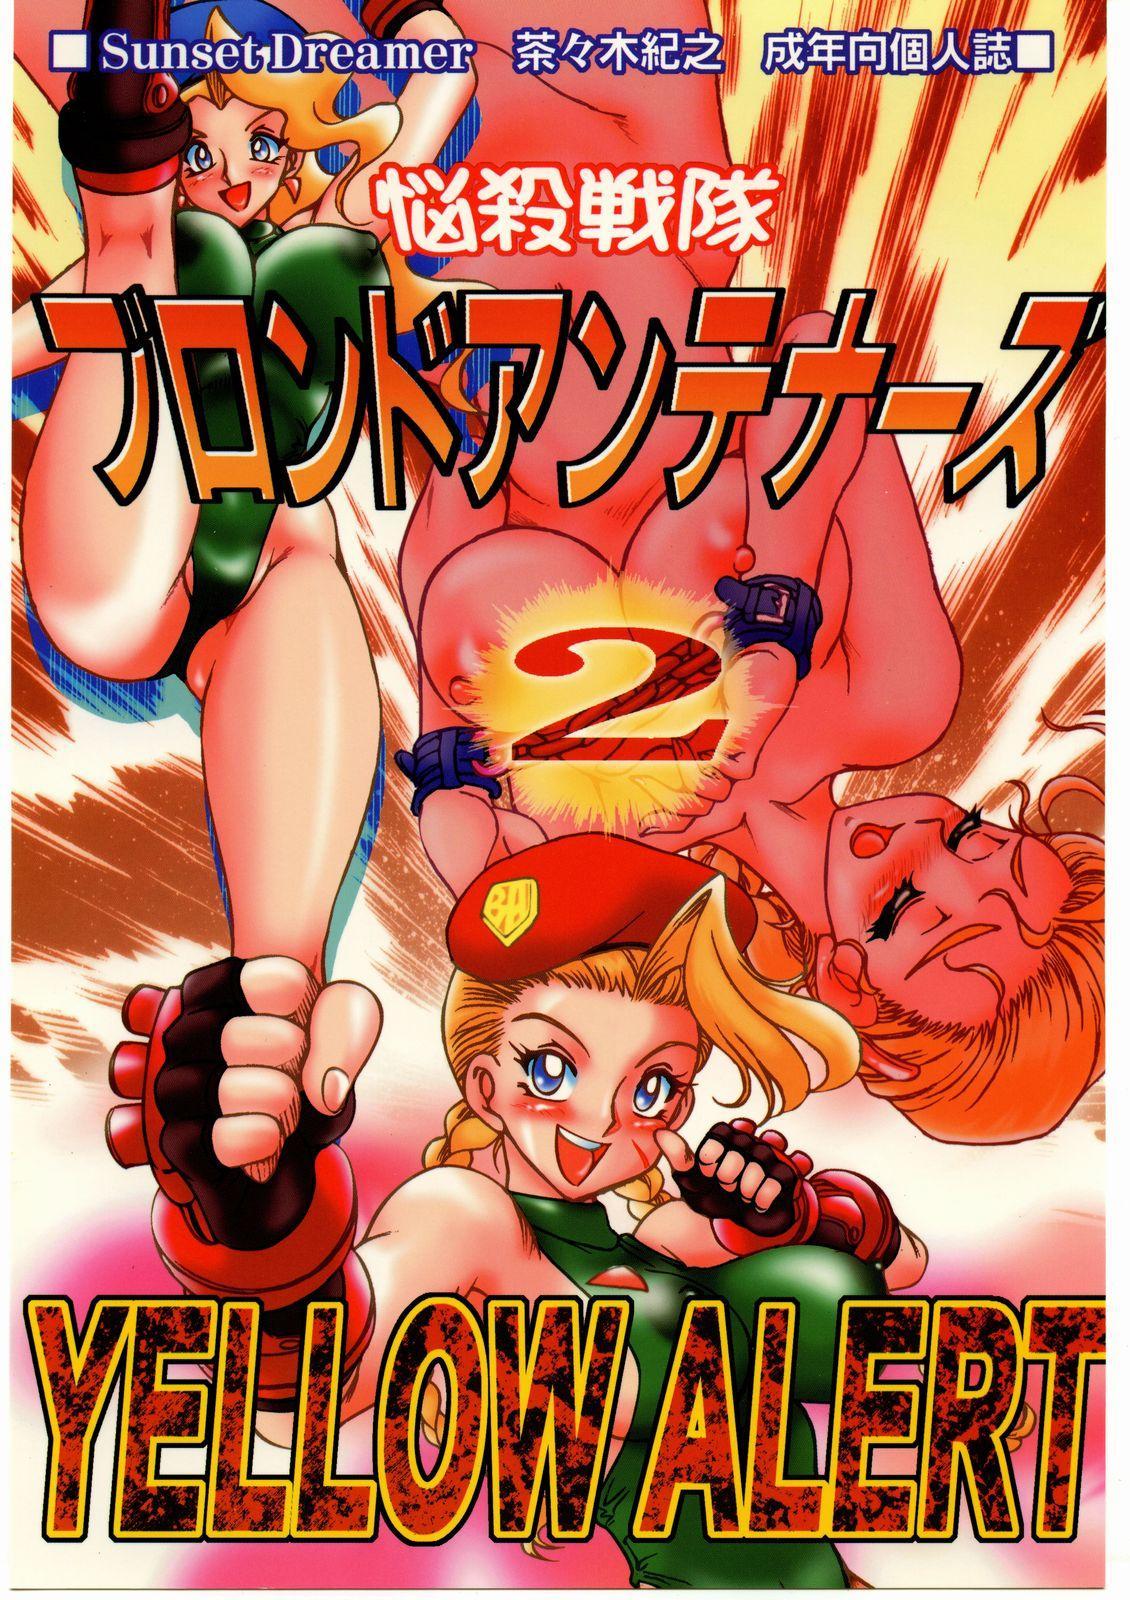 Nousatsu Sentai Blonde Antennas 2 - Yellow Alert 0